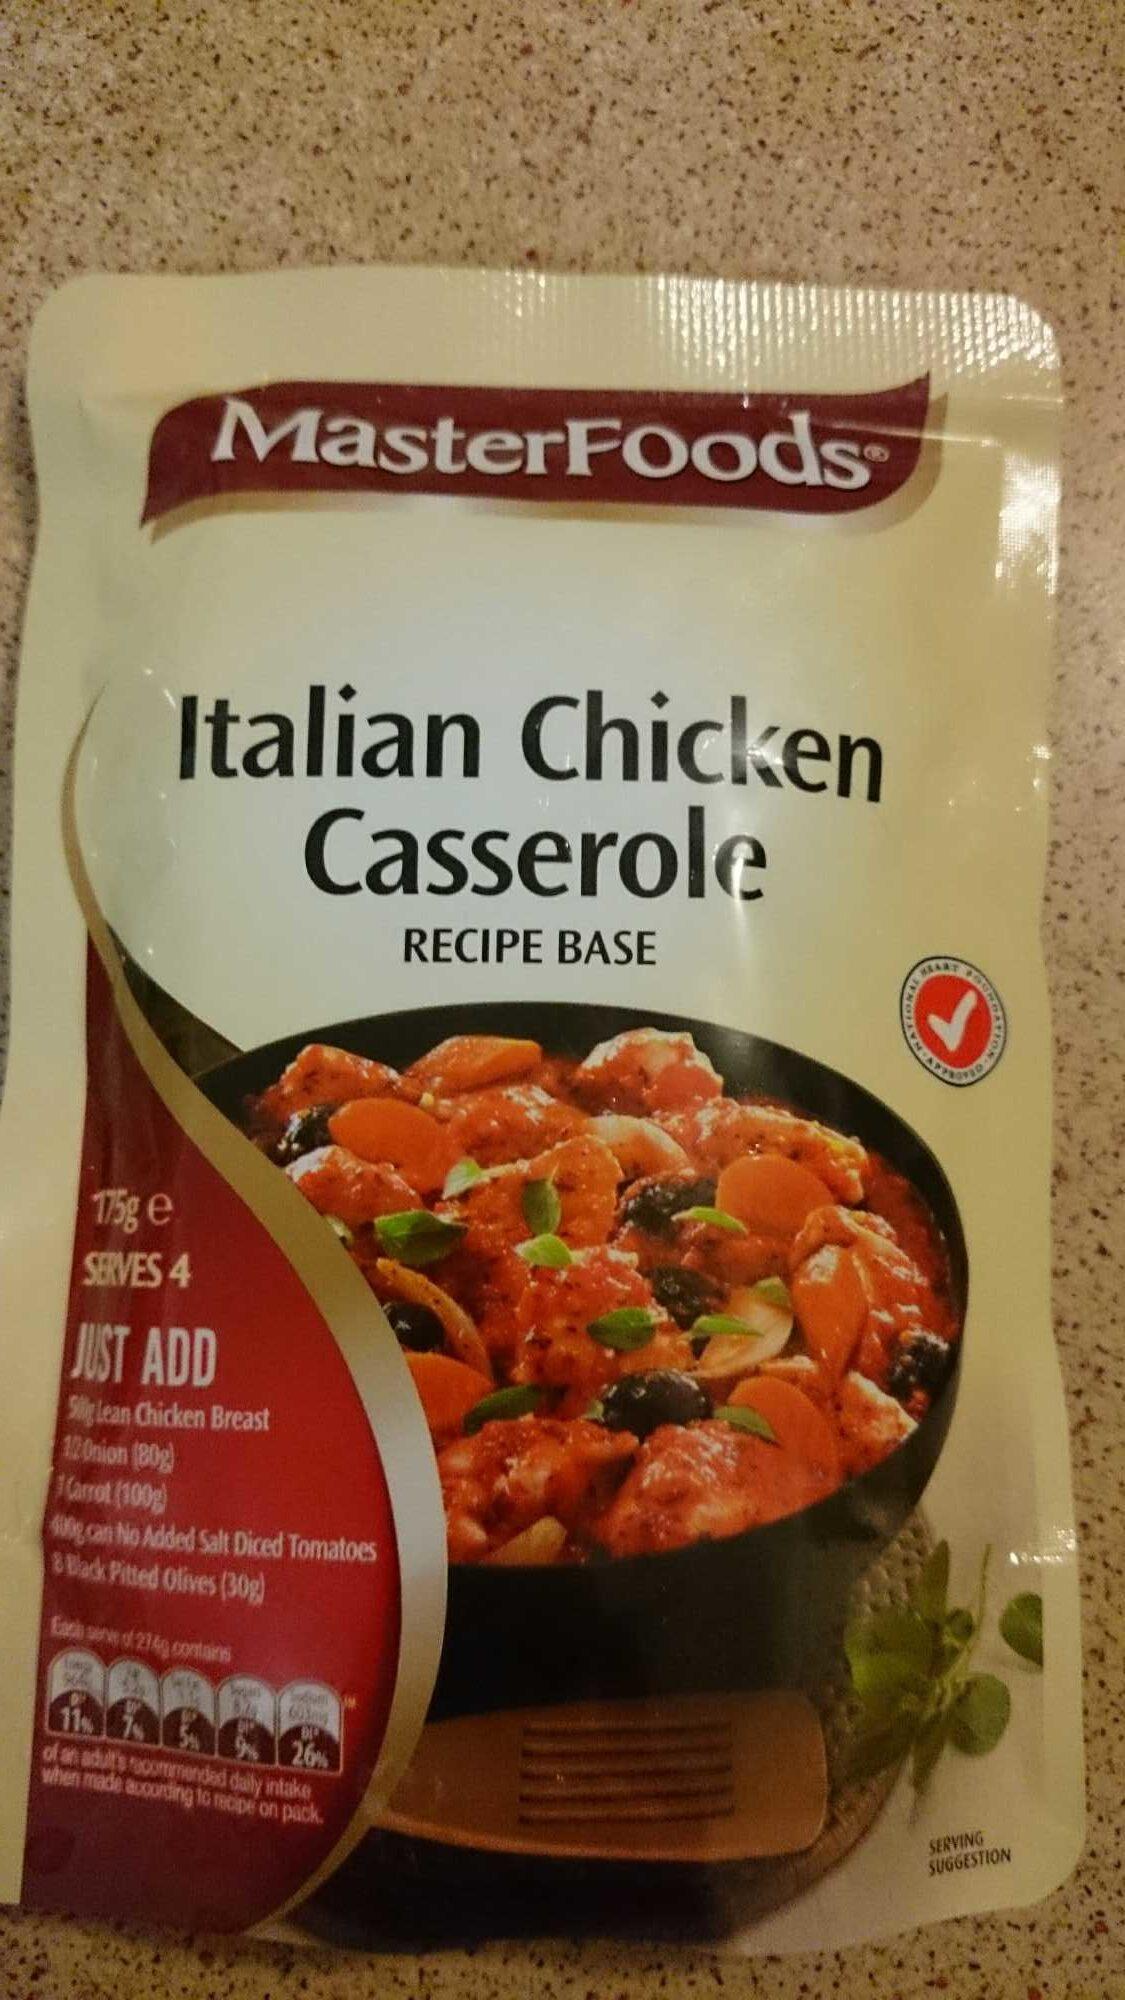 Italian Chicken Casserole Recipe Base - Product - en